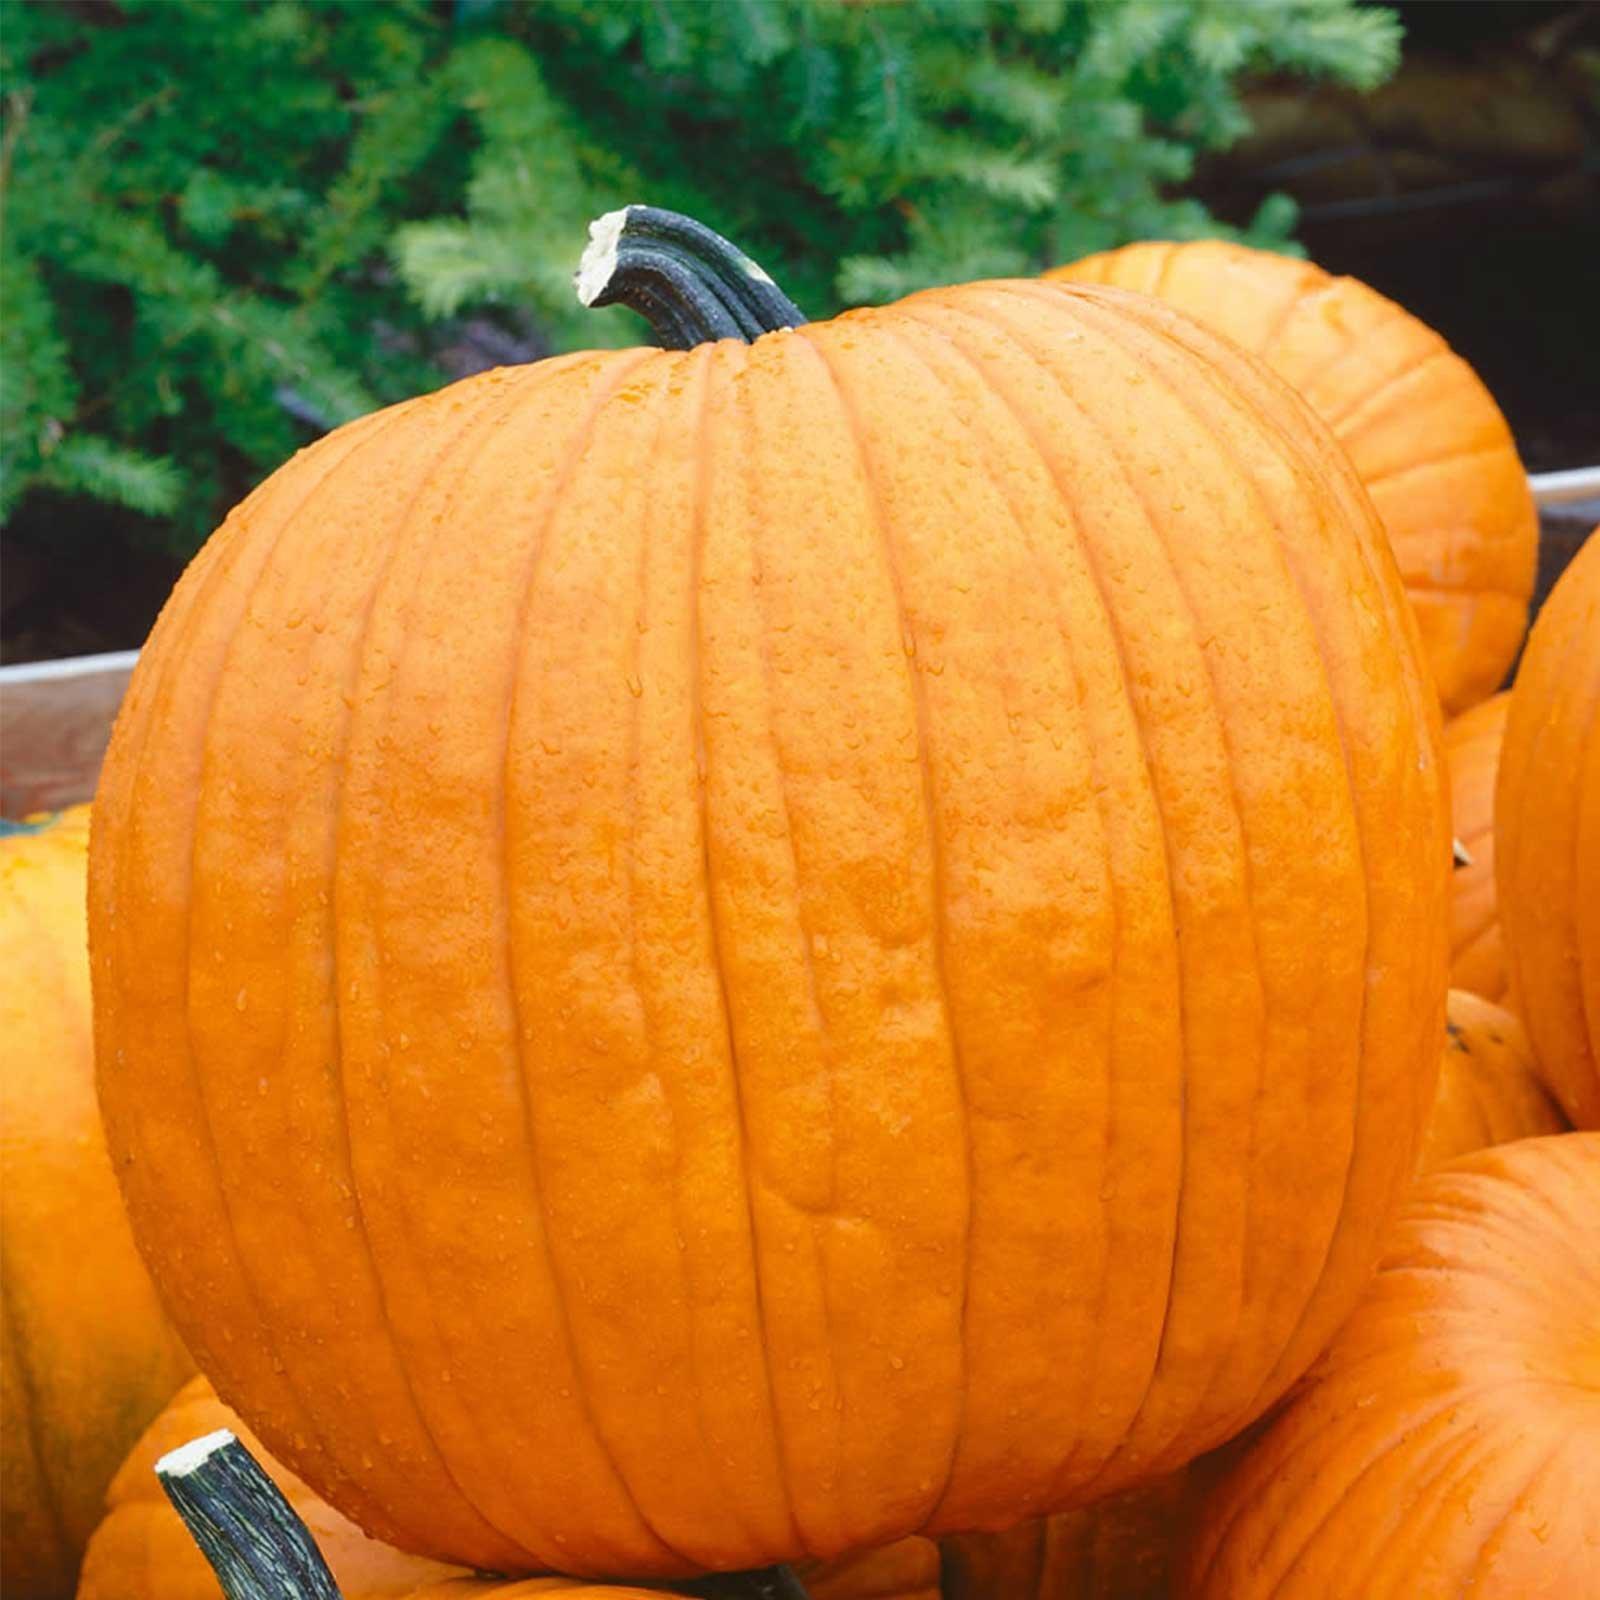 Pumpkin Garden Seeds - Howden Variety - 1 Lb (Treated) Seeds - Non-GMO, Heirloom Pumpkins - Rich Orange - Jack O'Lantern Pumpkin Gardening